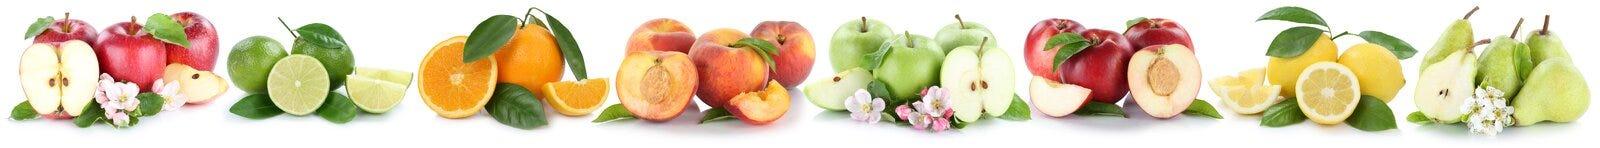 För citronnektarinen för äpplet bär frukt ny frukt I för orange apelsiner för äpplen Royaltyfria Foton